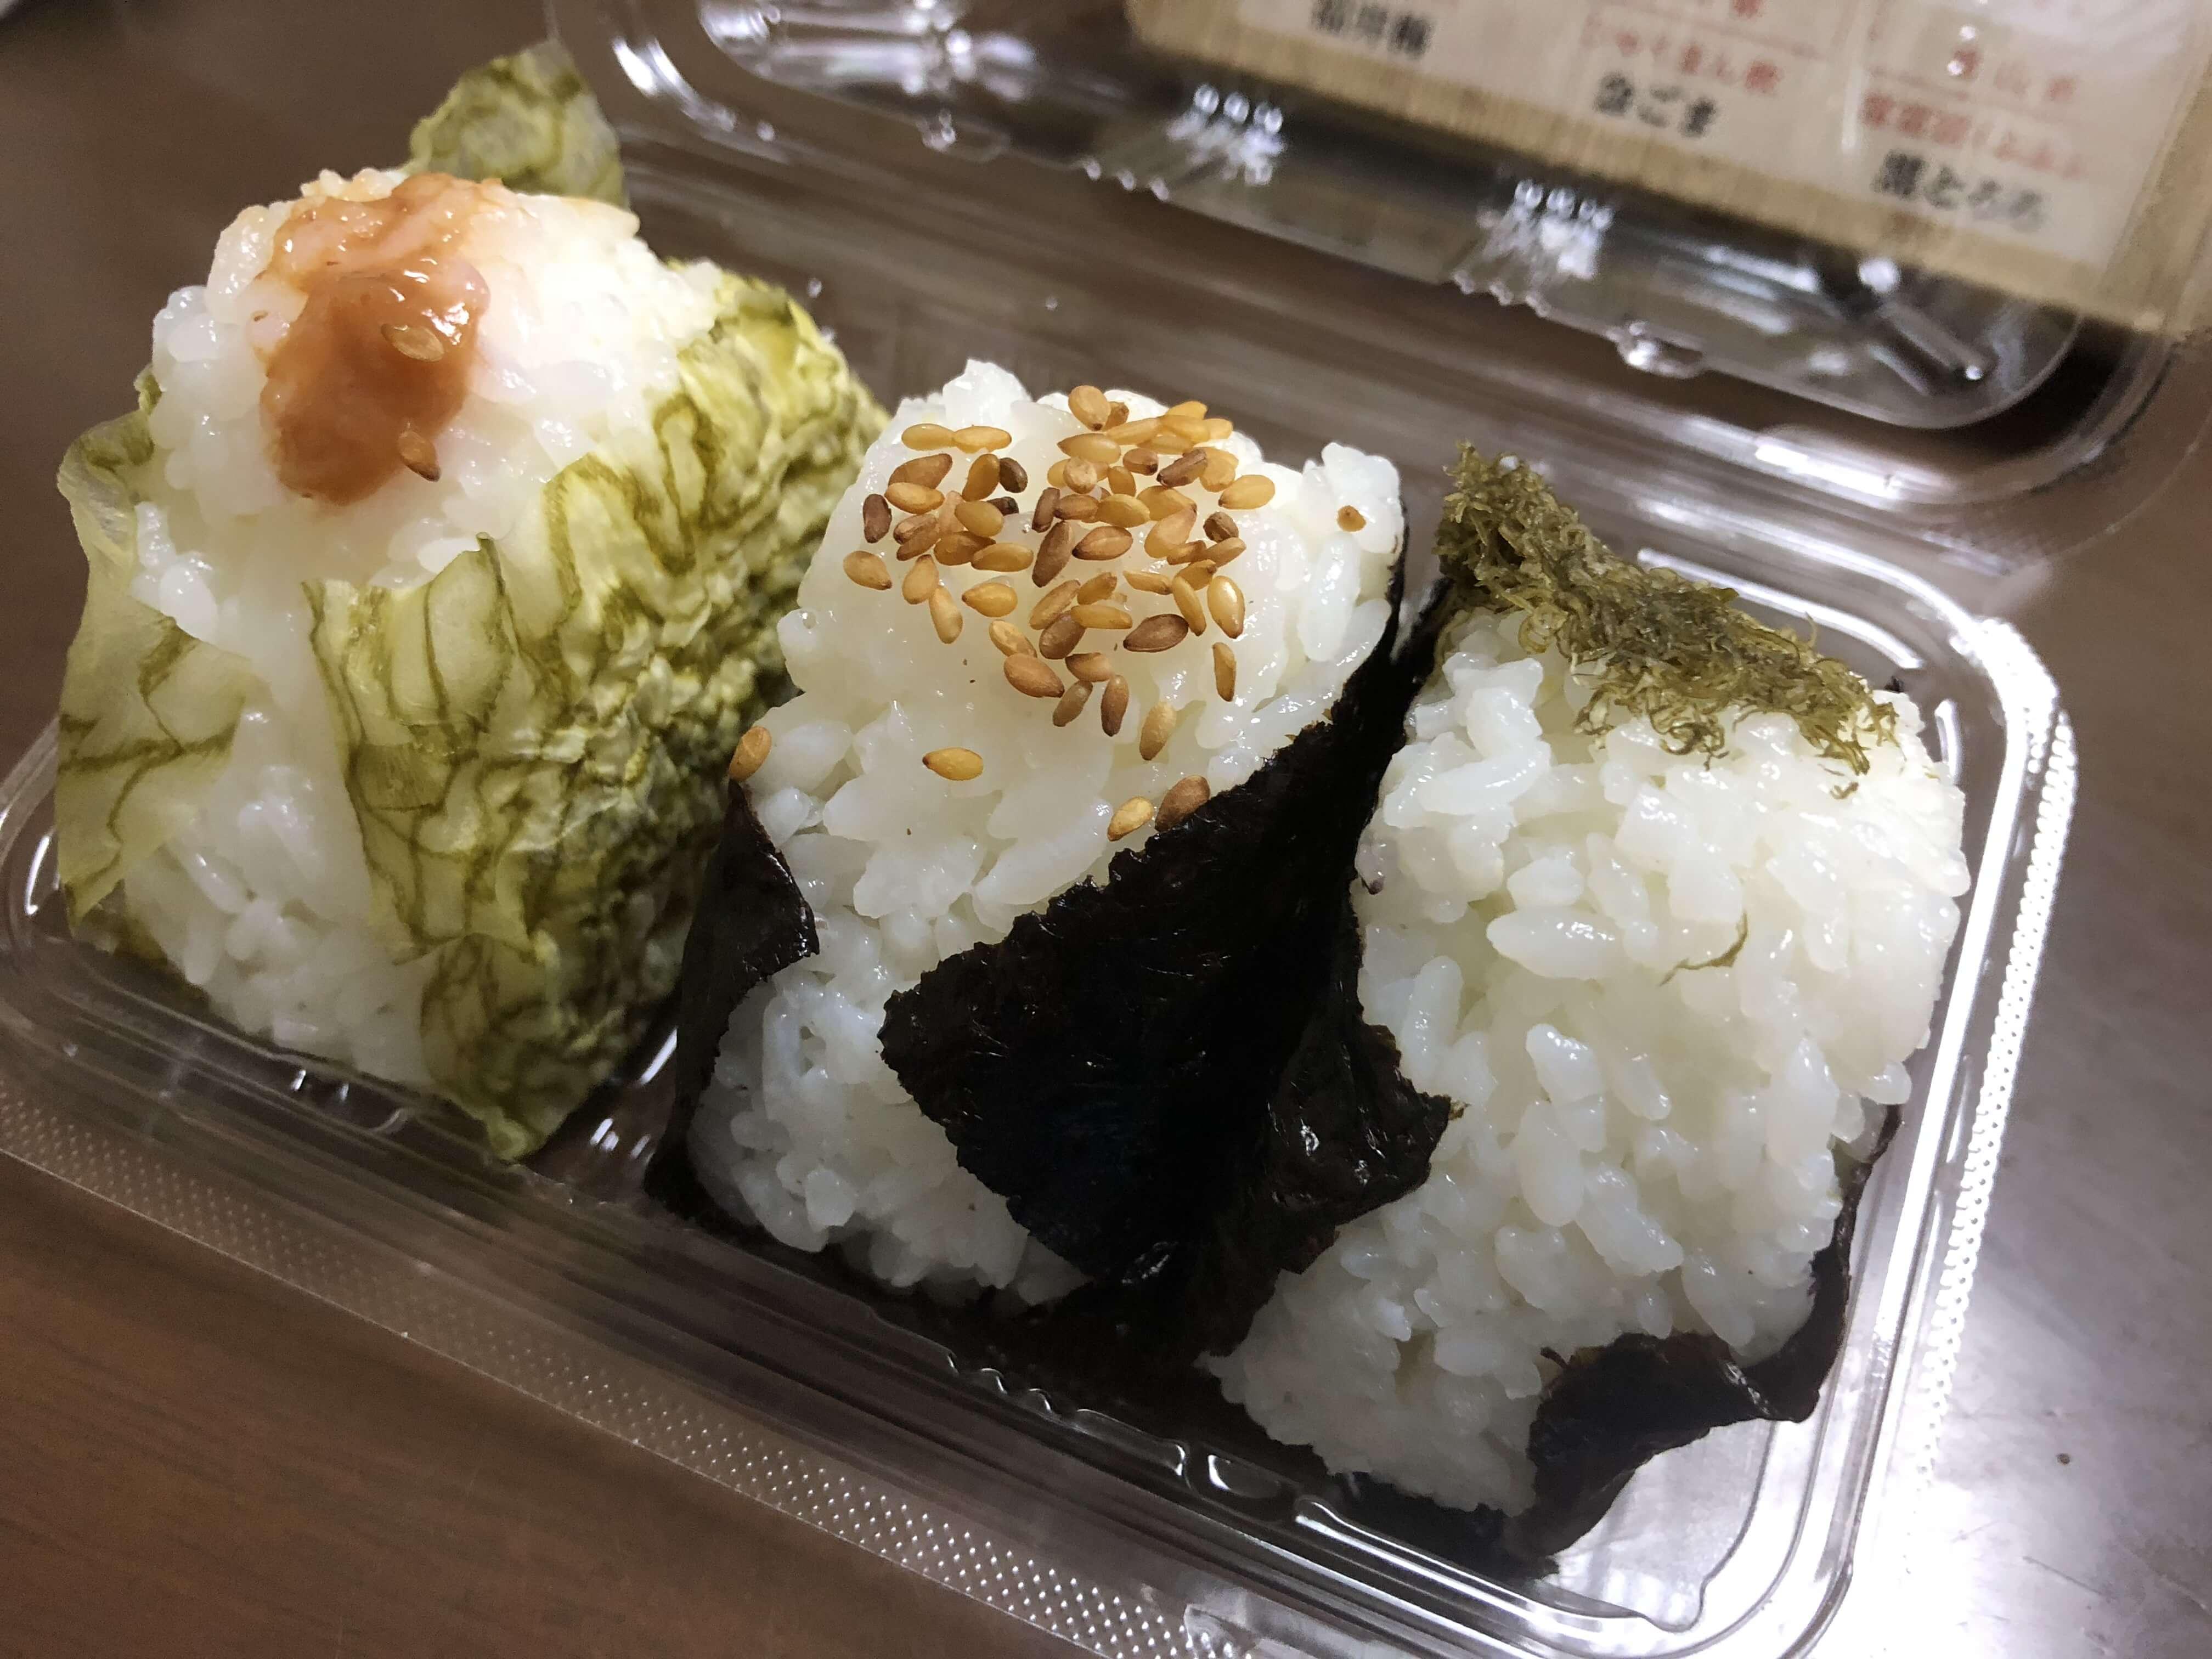 あなたのベストはどのお米?!「 北陸三県の贅沢三米 」おにぎり食べ比べ発売中 !!